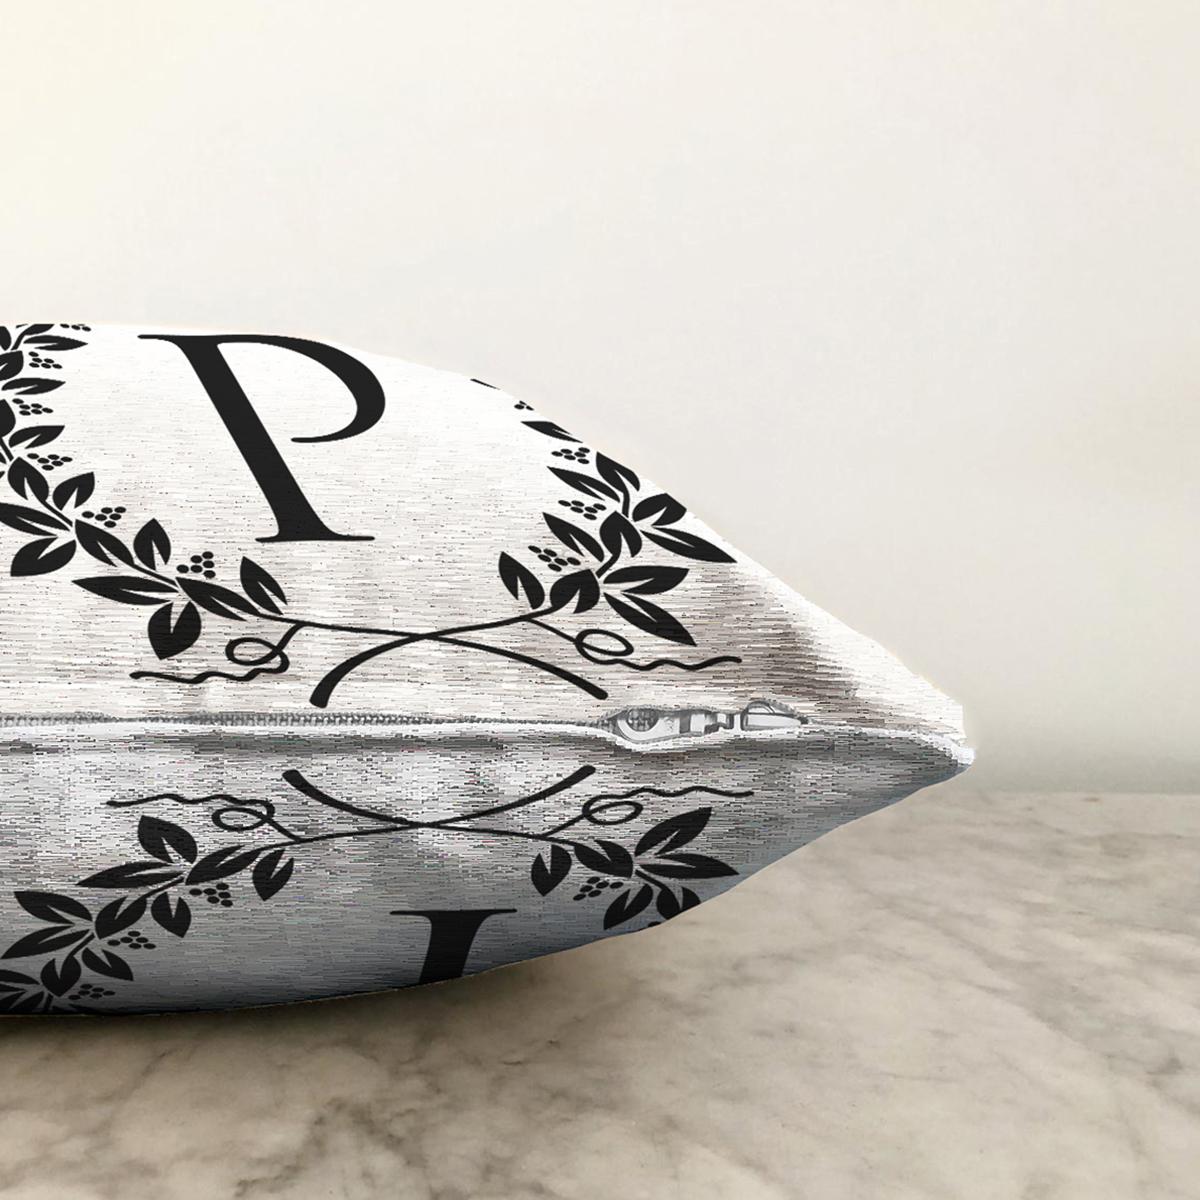 Siyah Beyaz Çelenkli P Harfi Özel Tasarım Dijital Baskılı Şönil Yastık Kırlent Kılıfı Realhomes